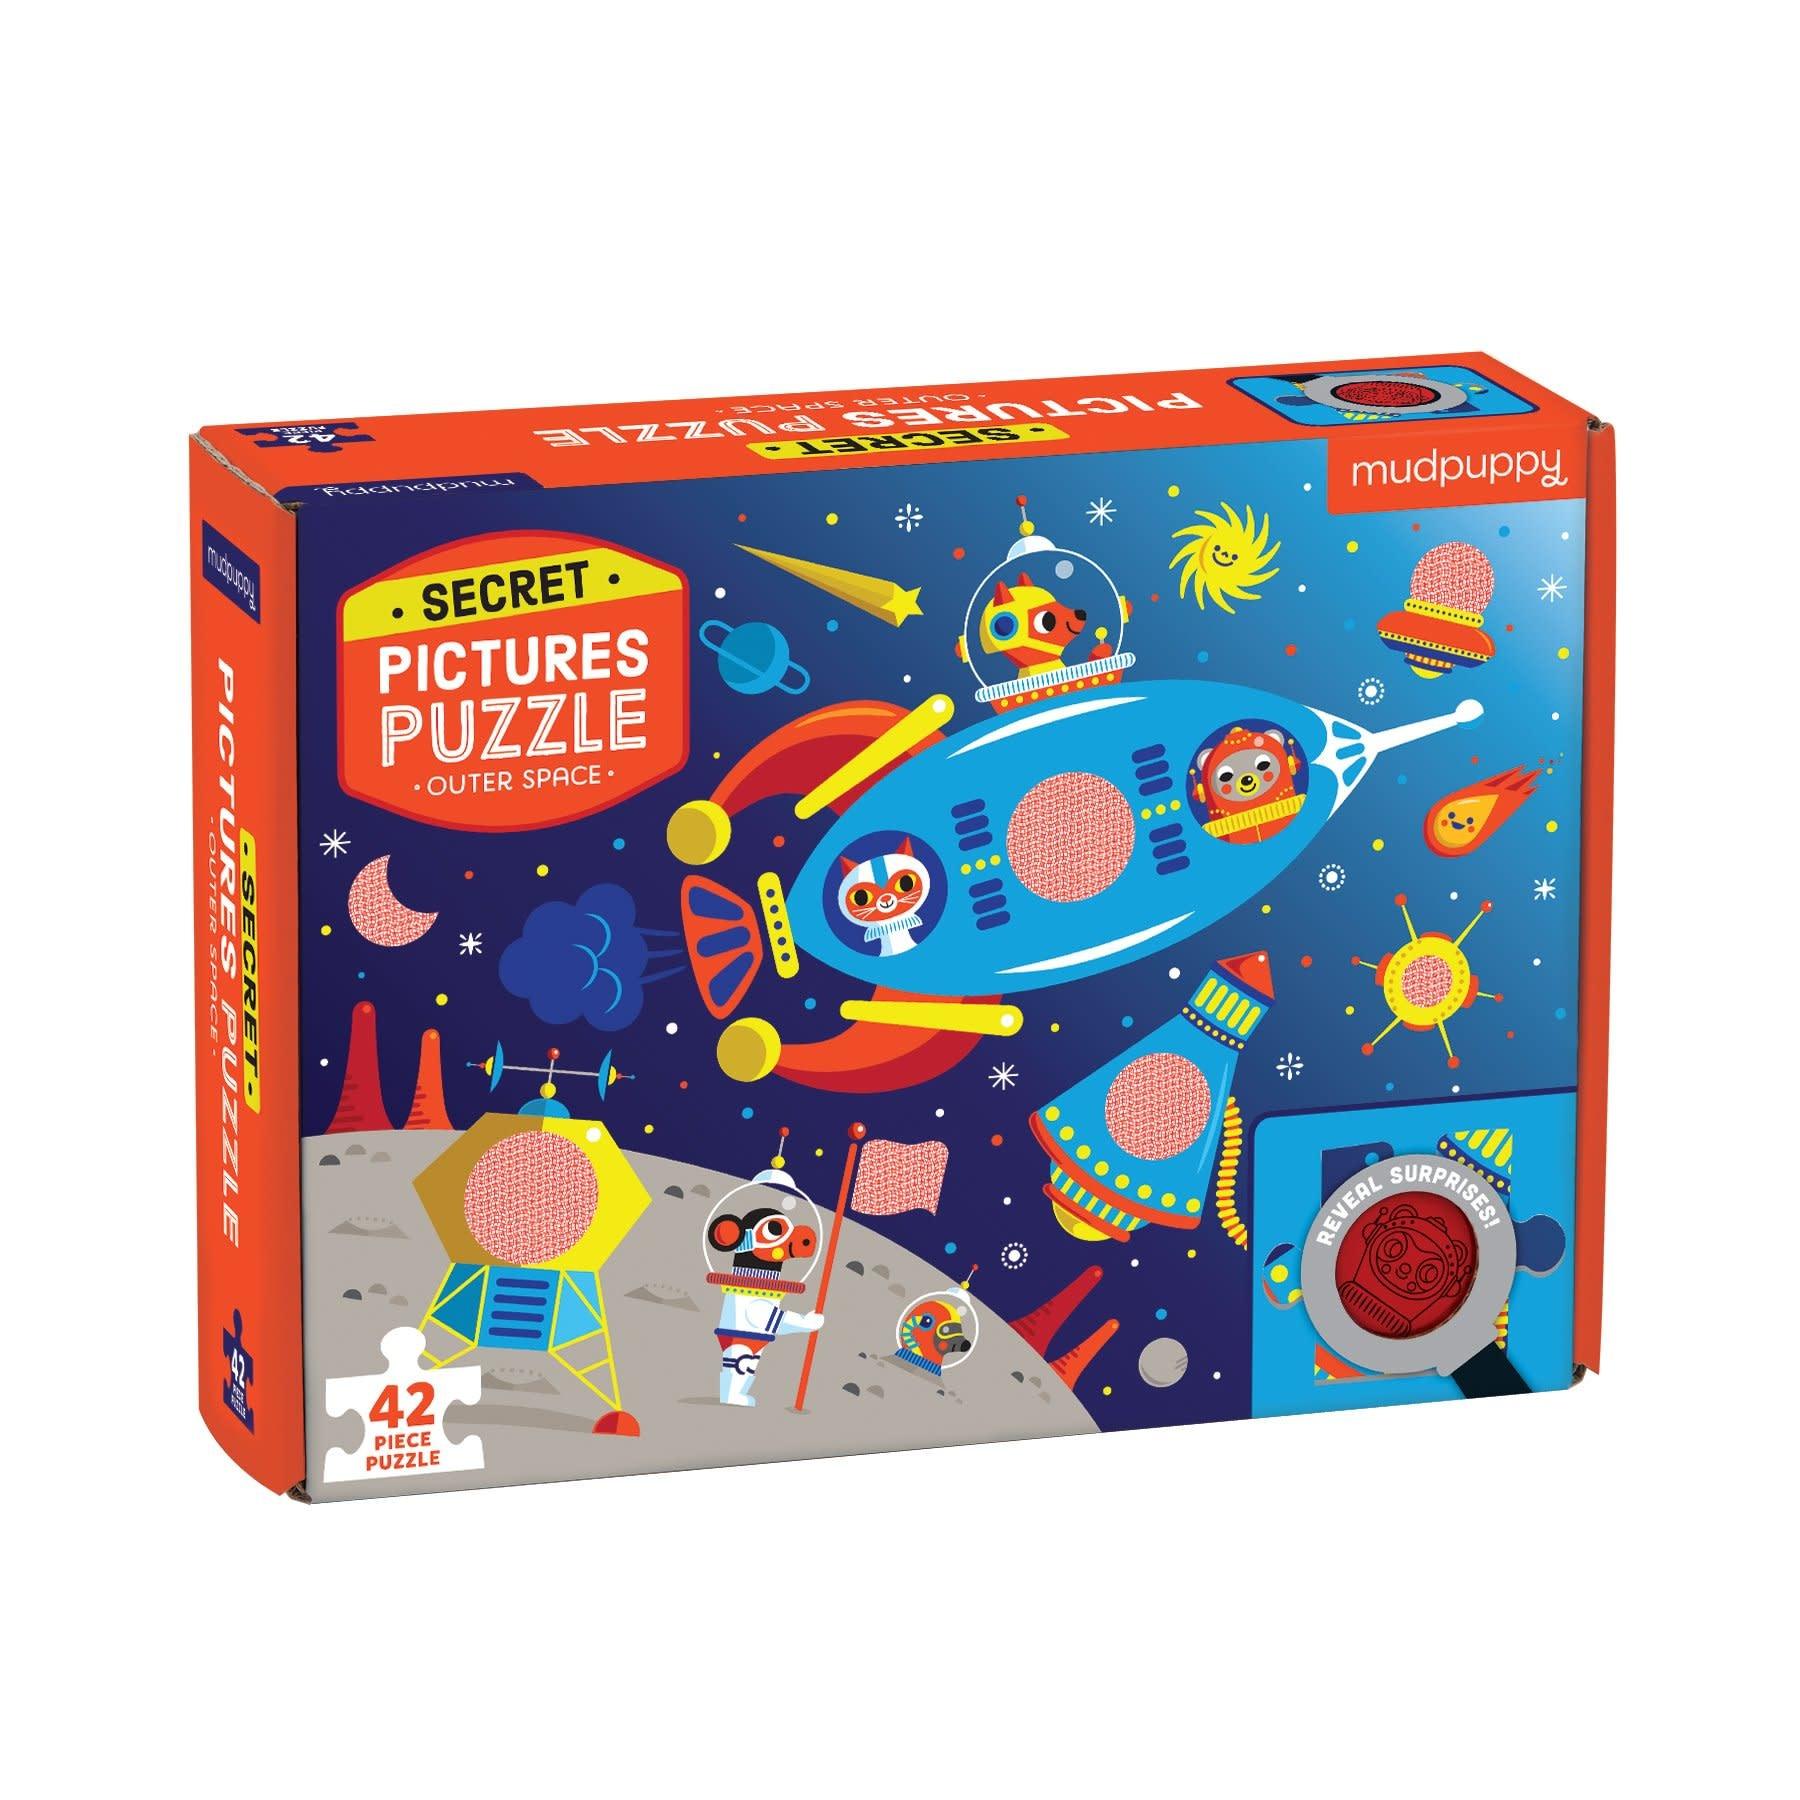 hachette book group 42 Piece Puzzle